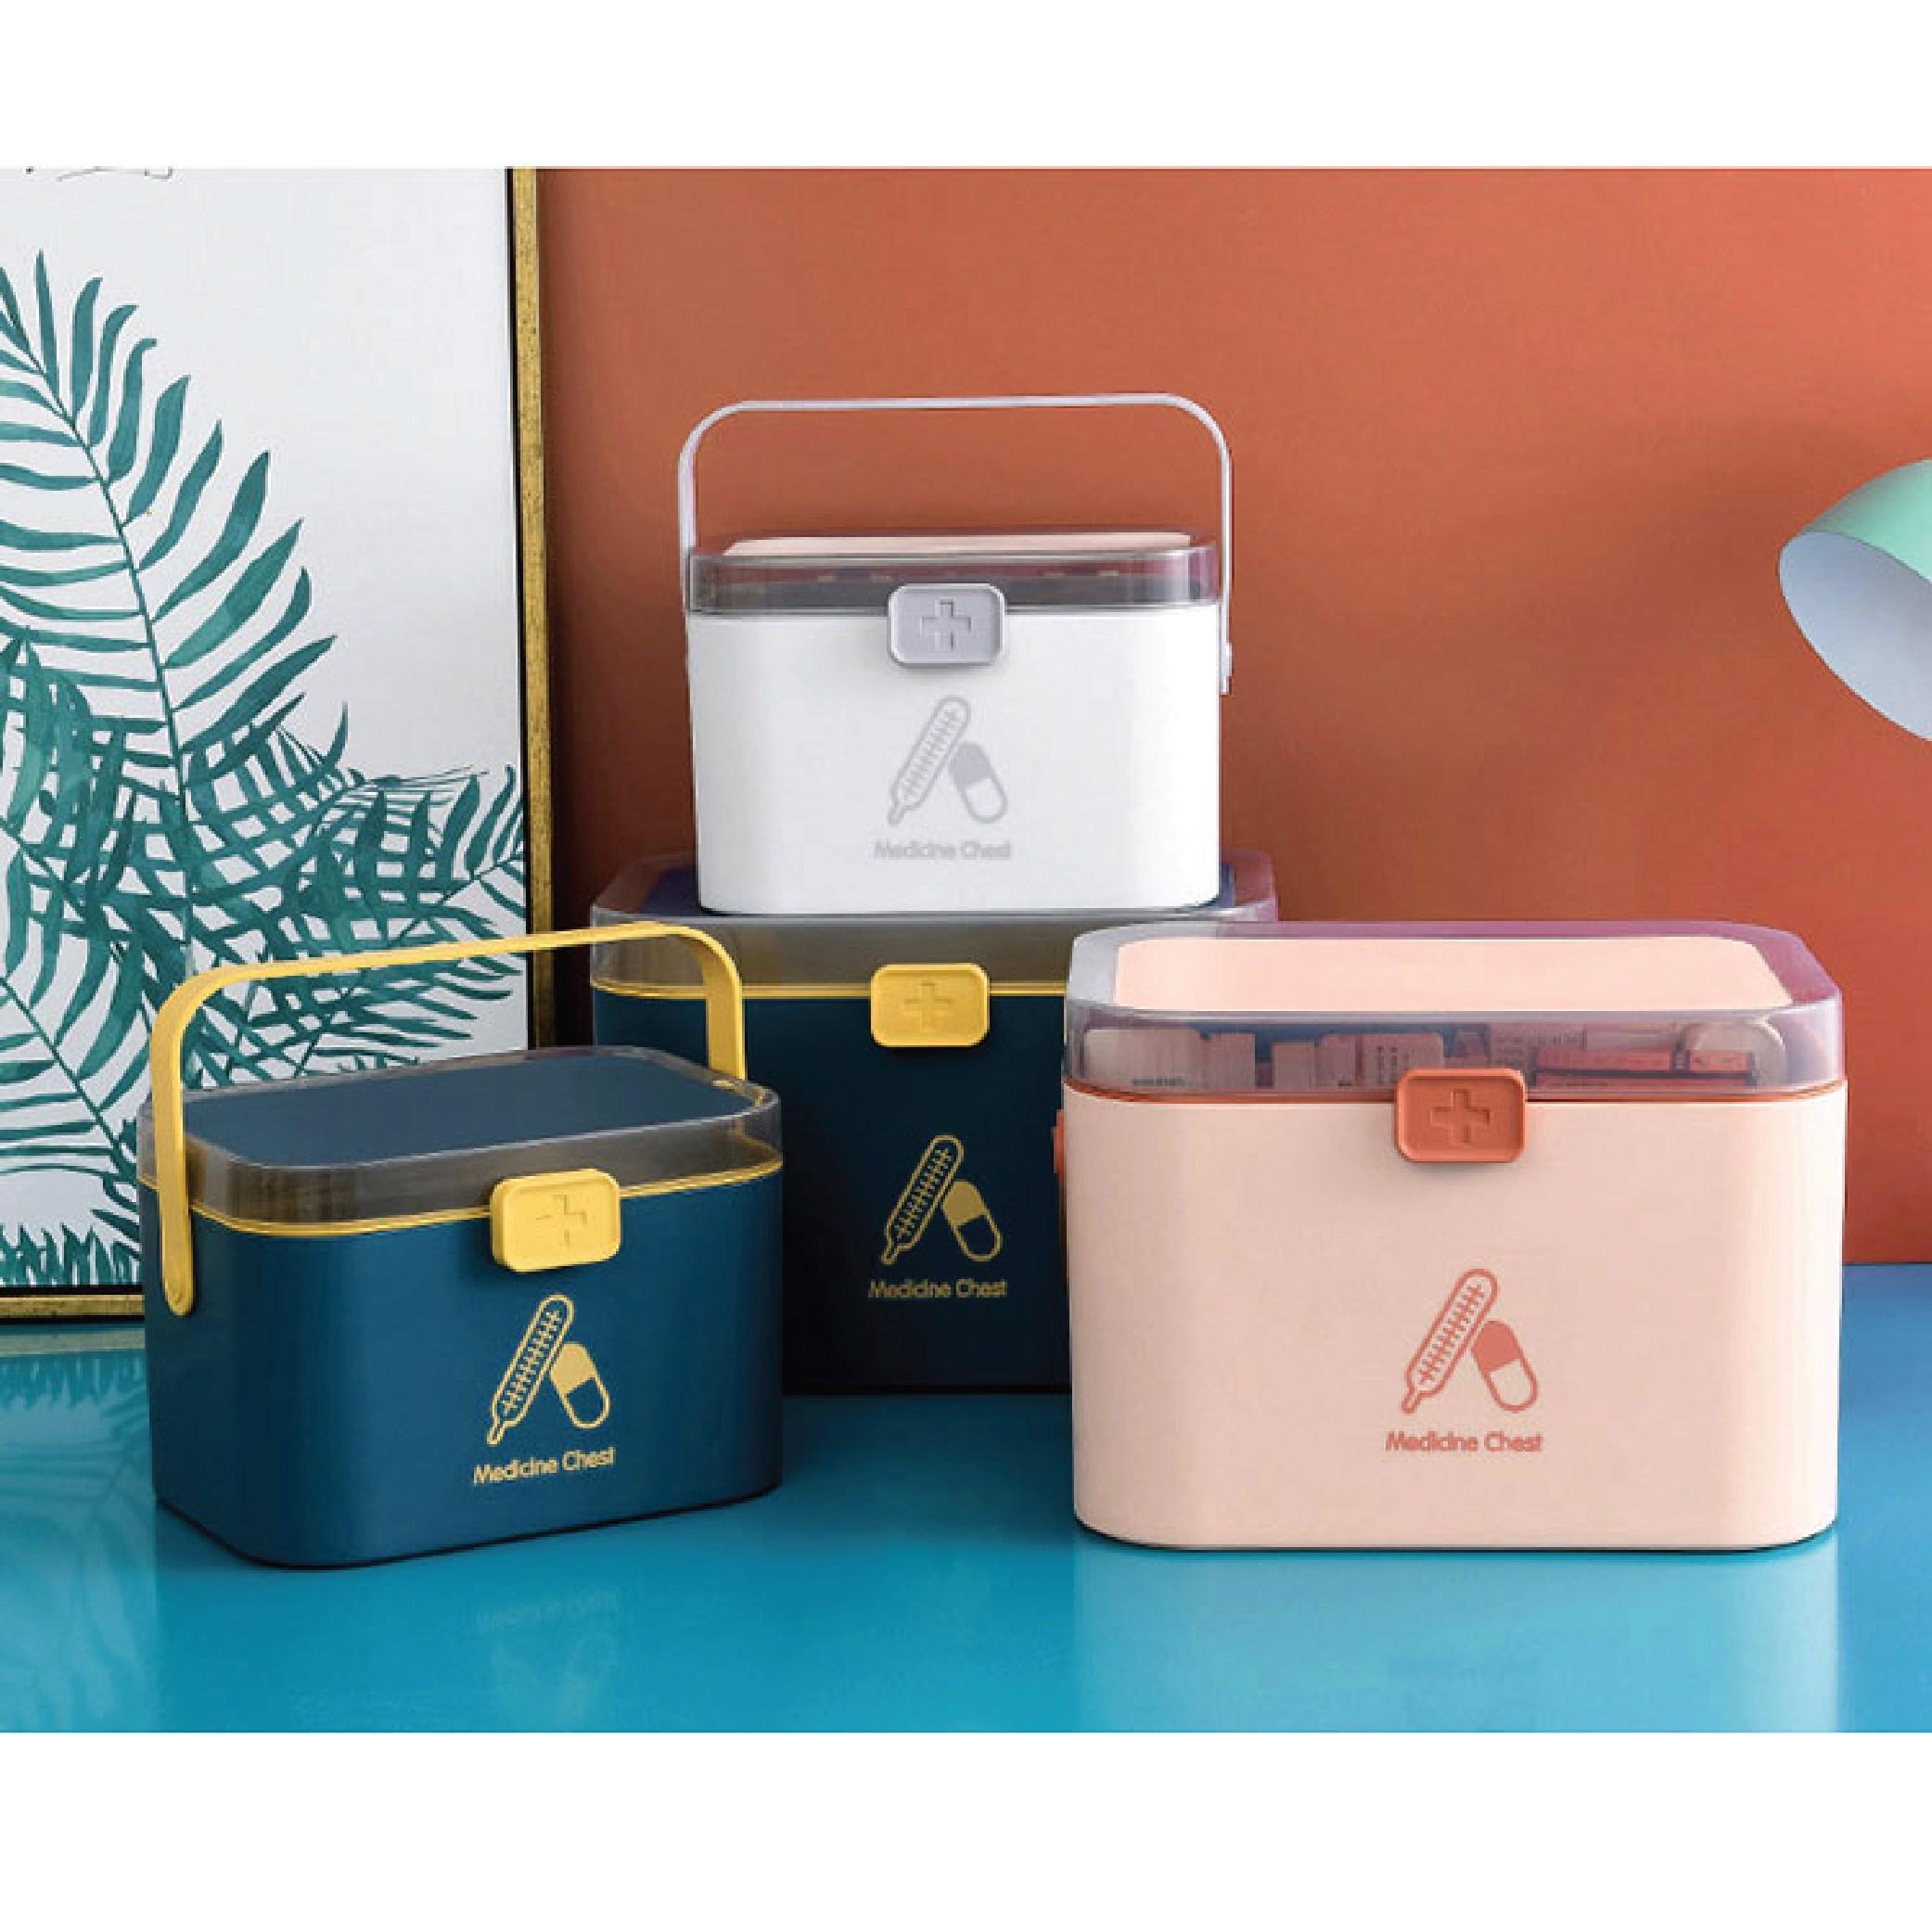 2단분리형 가정용 다이소구급상자 구급함 약통 HS-1, 핑크, 중형 (POP 4613673283)